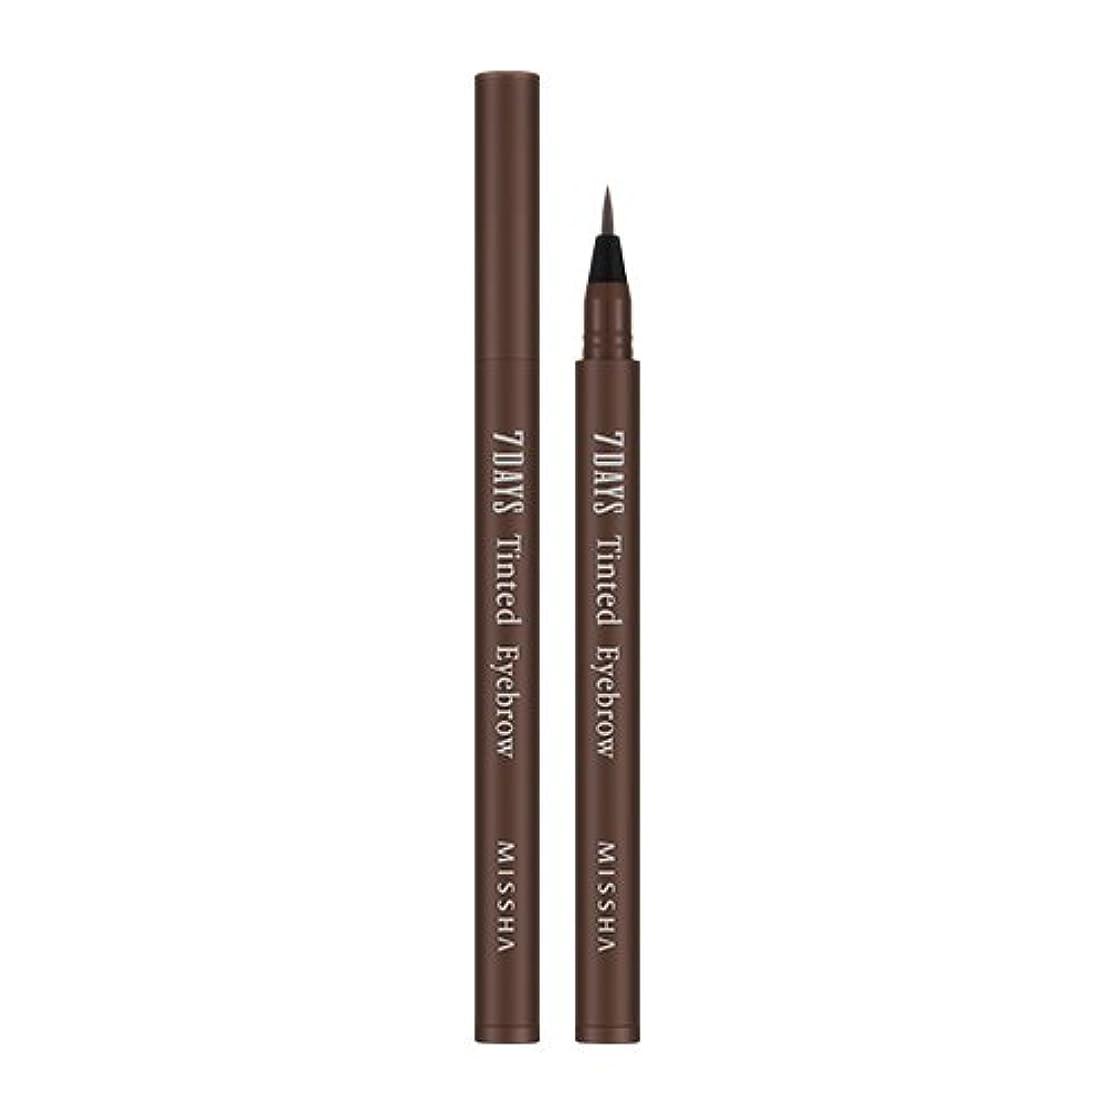 降雨香りステートメントMISSHA Seven Days Tinted Eye Brow 0.8ml (#02 Sinopia Brown)/ミシャ セブンデイズ ティンテッド アイブロウ 0.8ml (#02 Sinopia Brown)